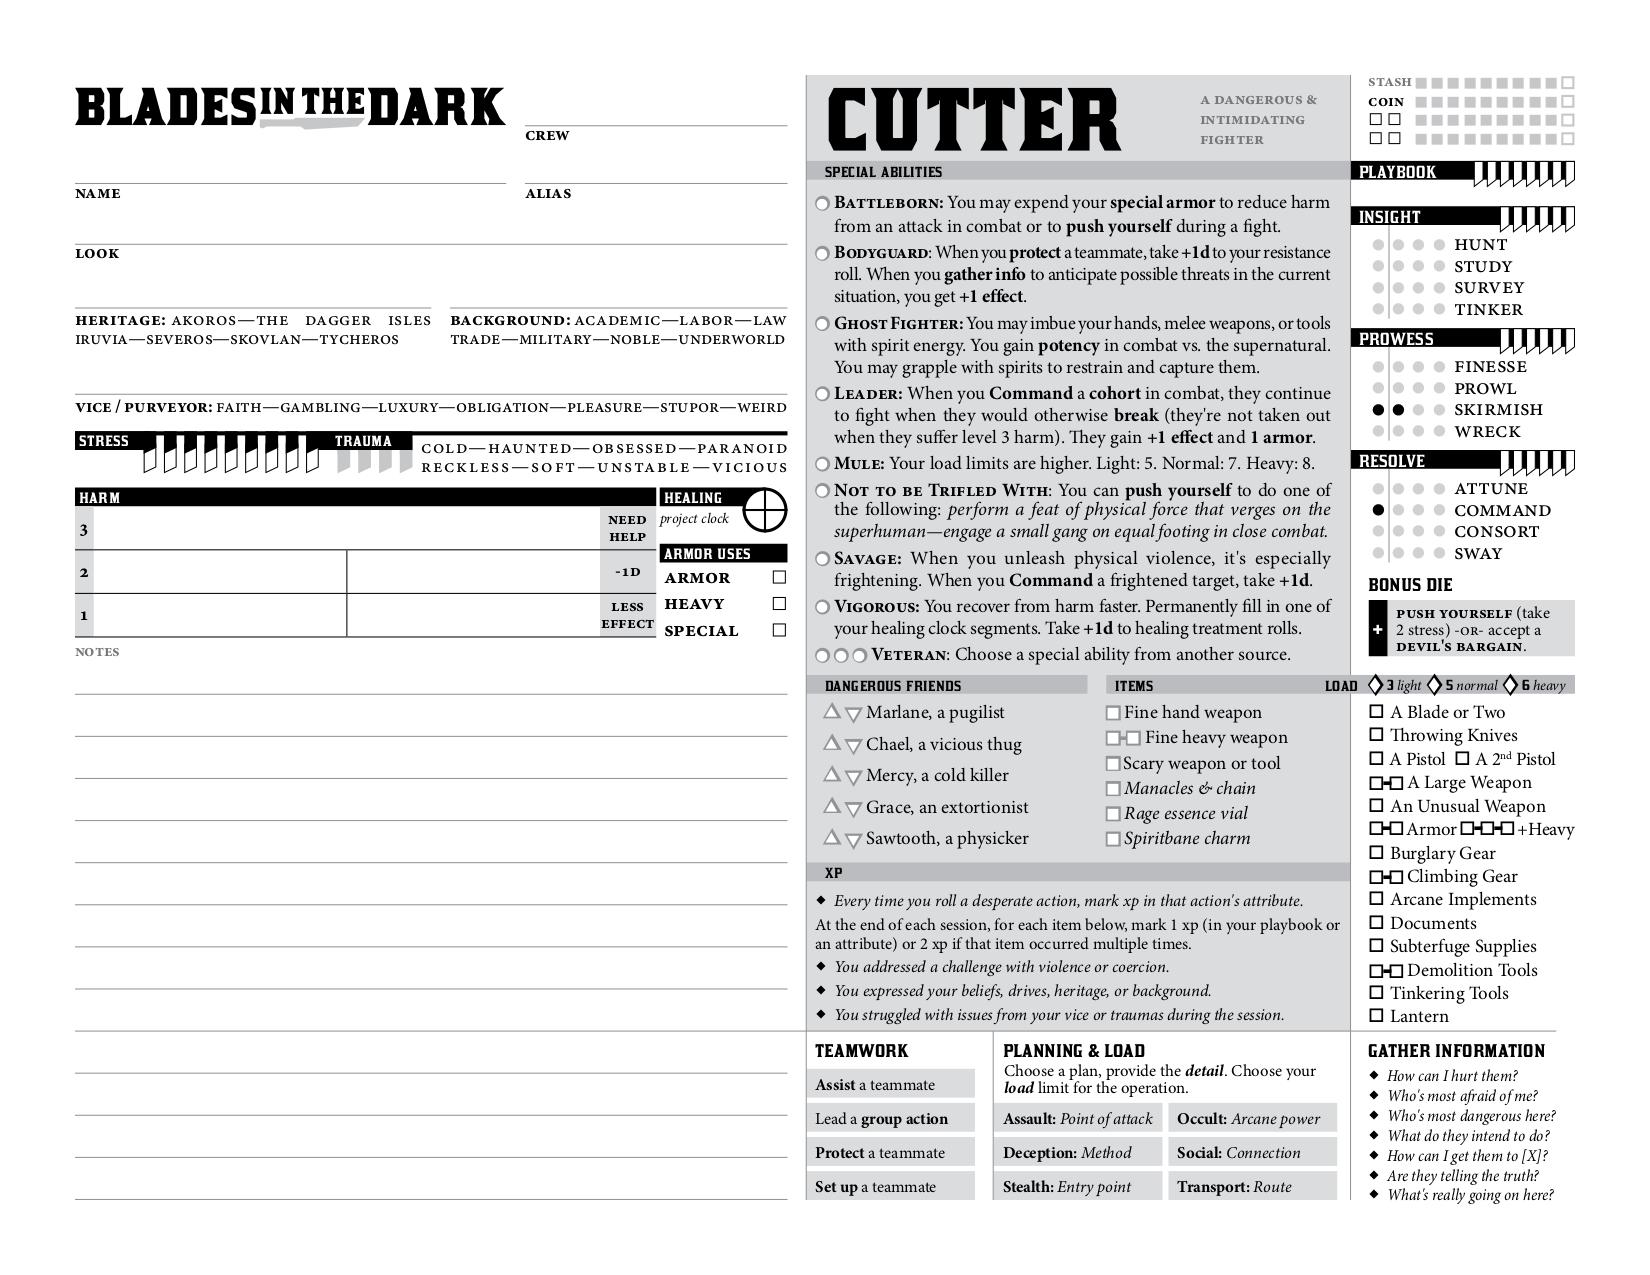 Playbook-Cutter.jpg